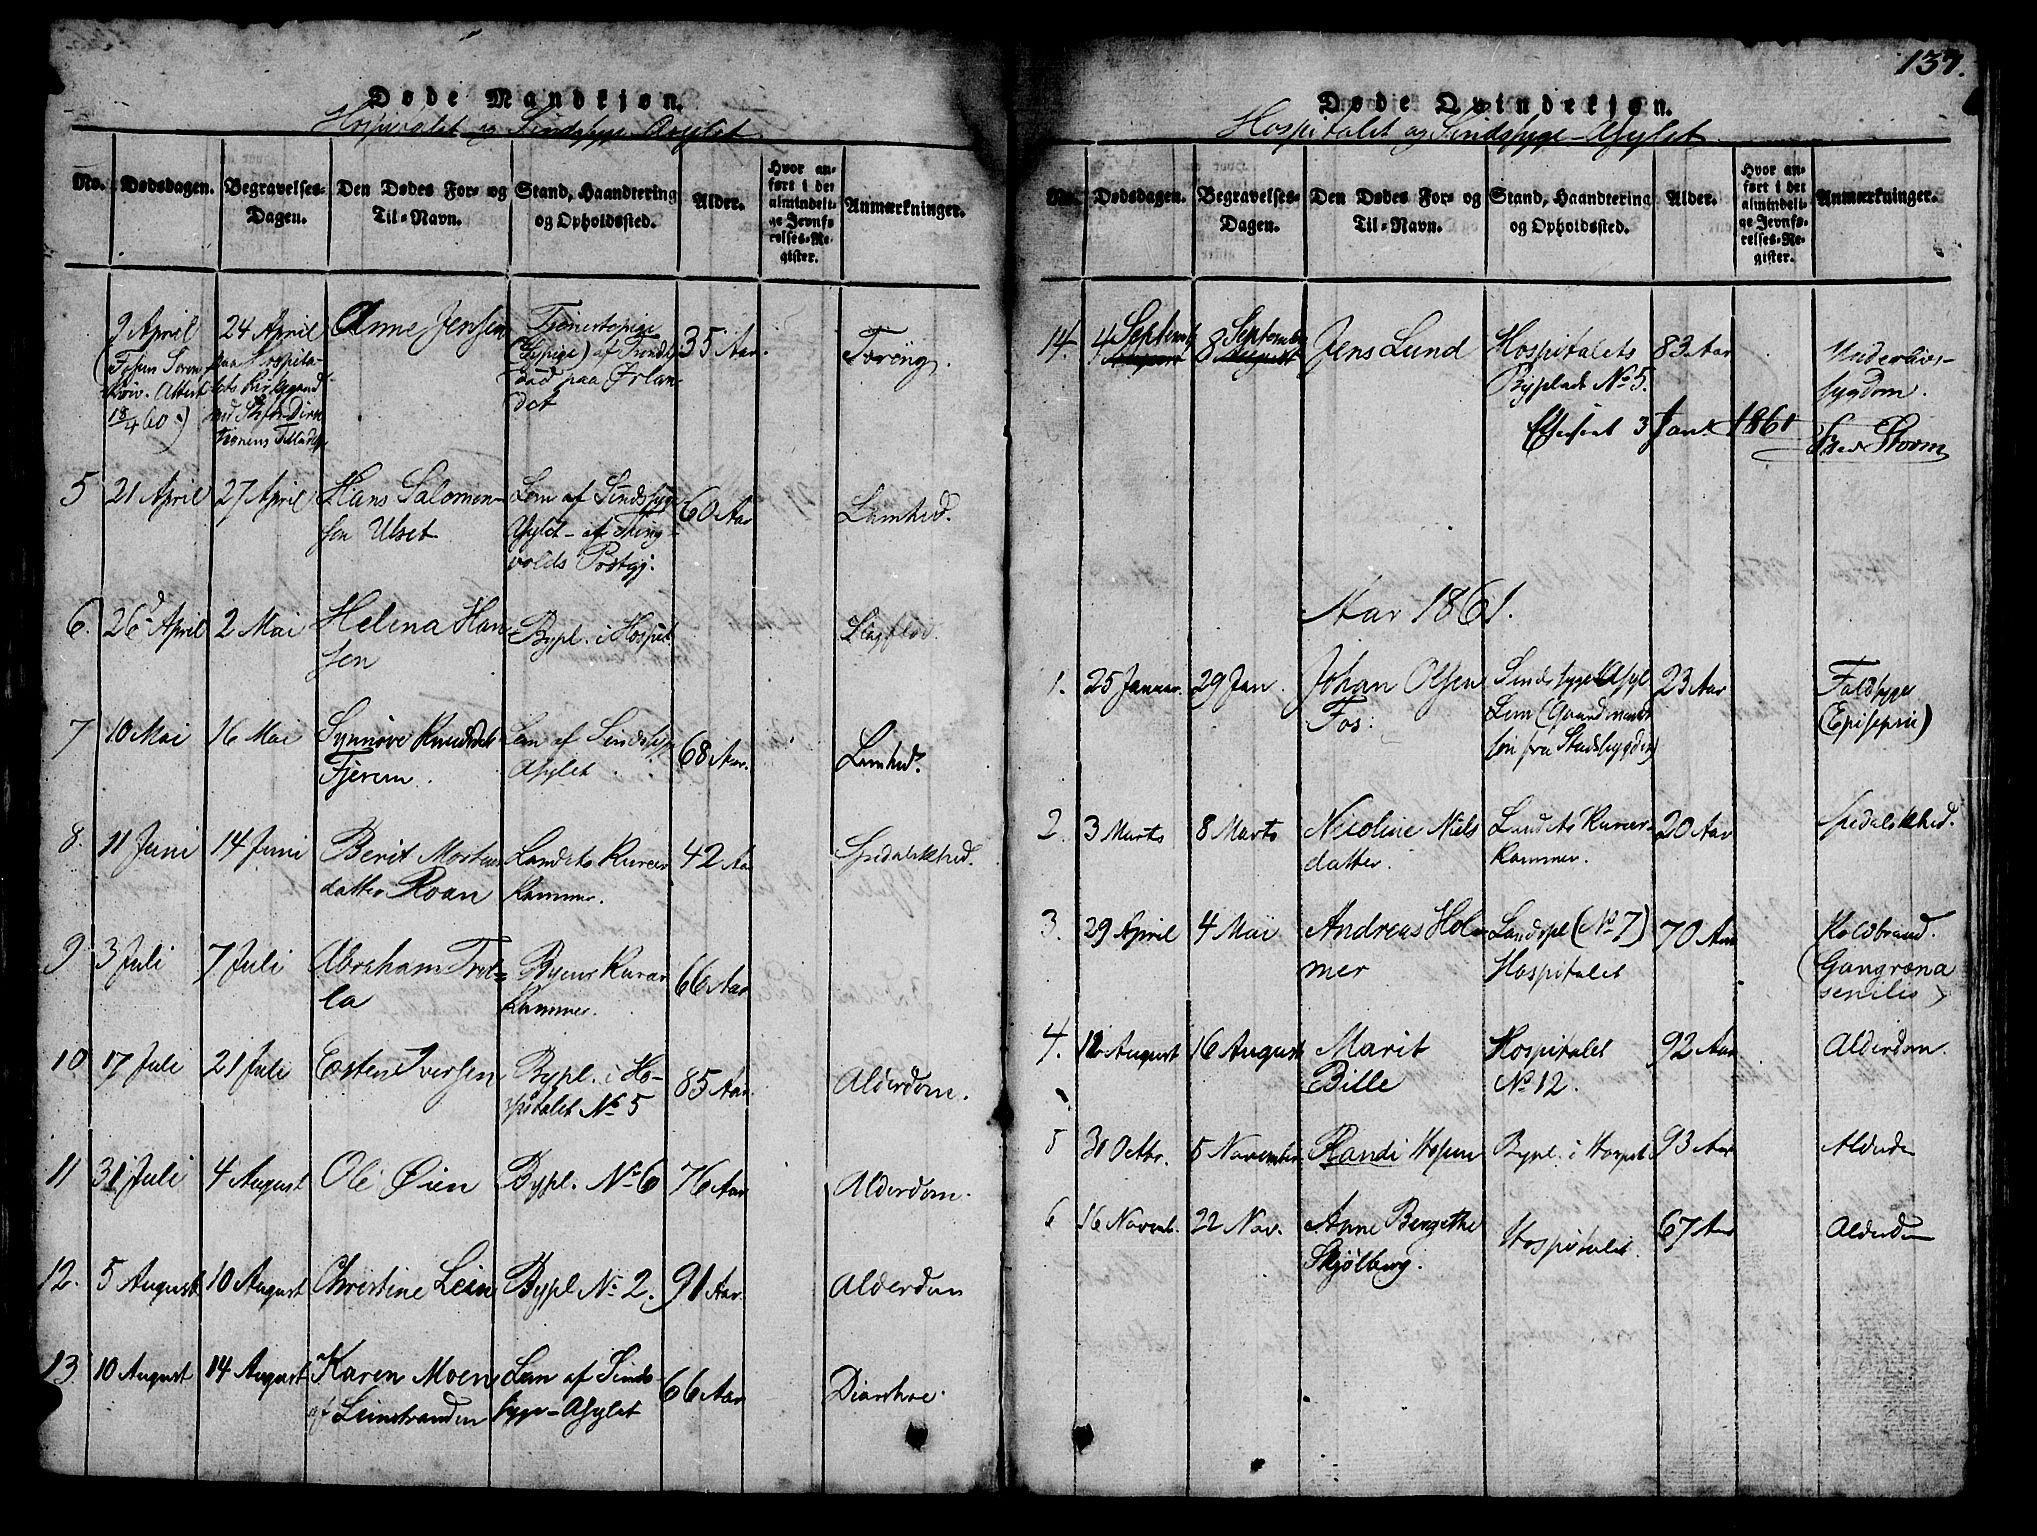 SAT, Ministerialprotokoller, klokkerbøker og fødselsregistre - Sør-Trøndelag, 623/L0478: Klokkerbok nr. 623C01, 1815-1873, s. 137